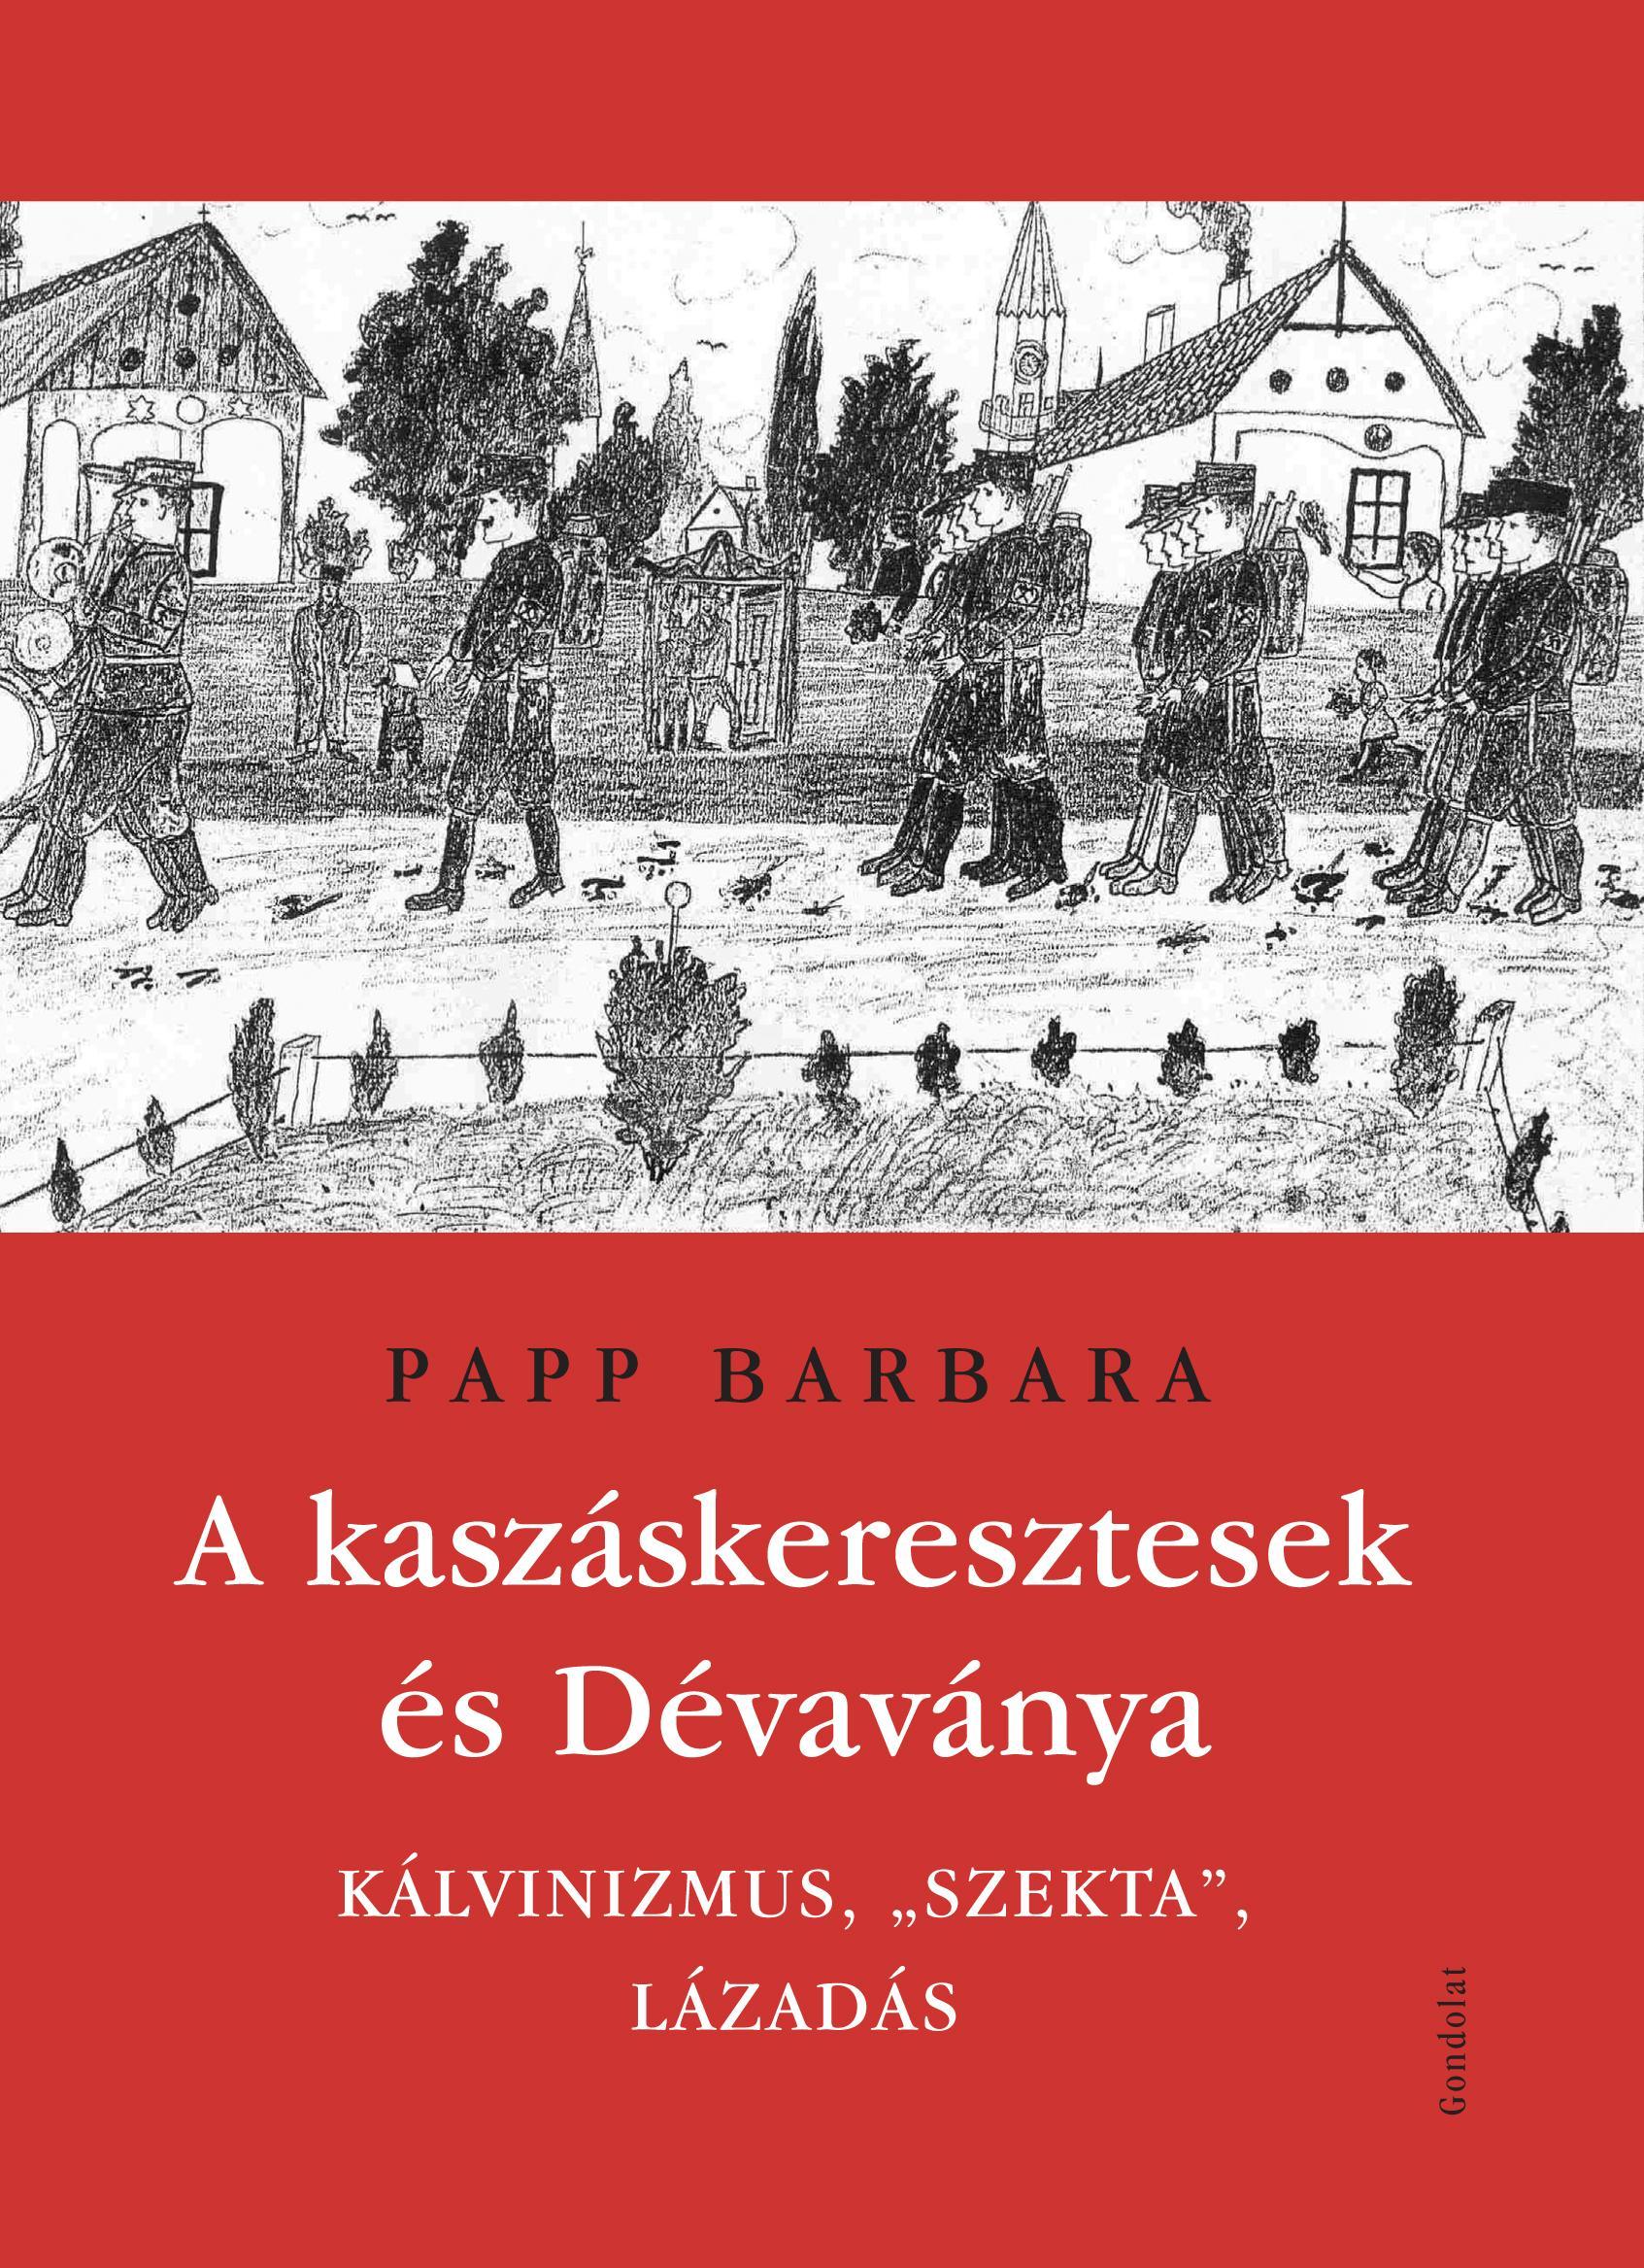 PAP BARBARA - A KASZÁSKERESZTESEK ÉS DÉDAVÁNYA - KÁLVINIZMUS,